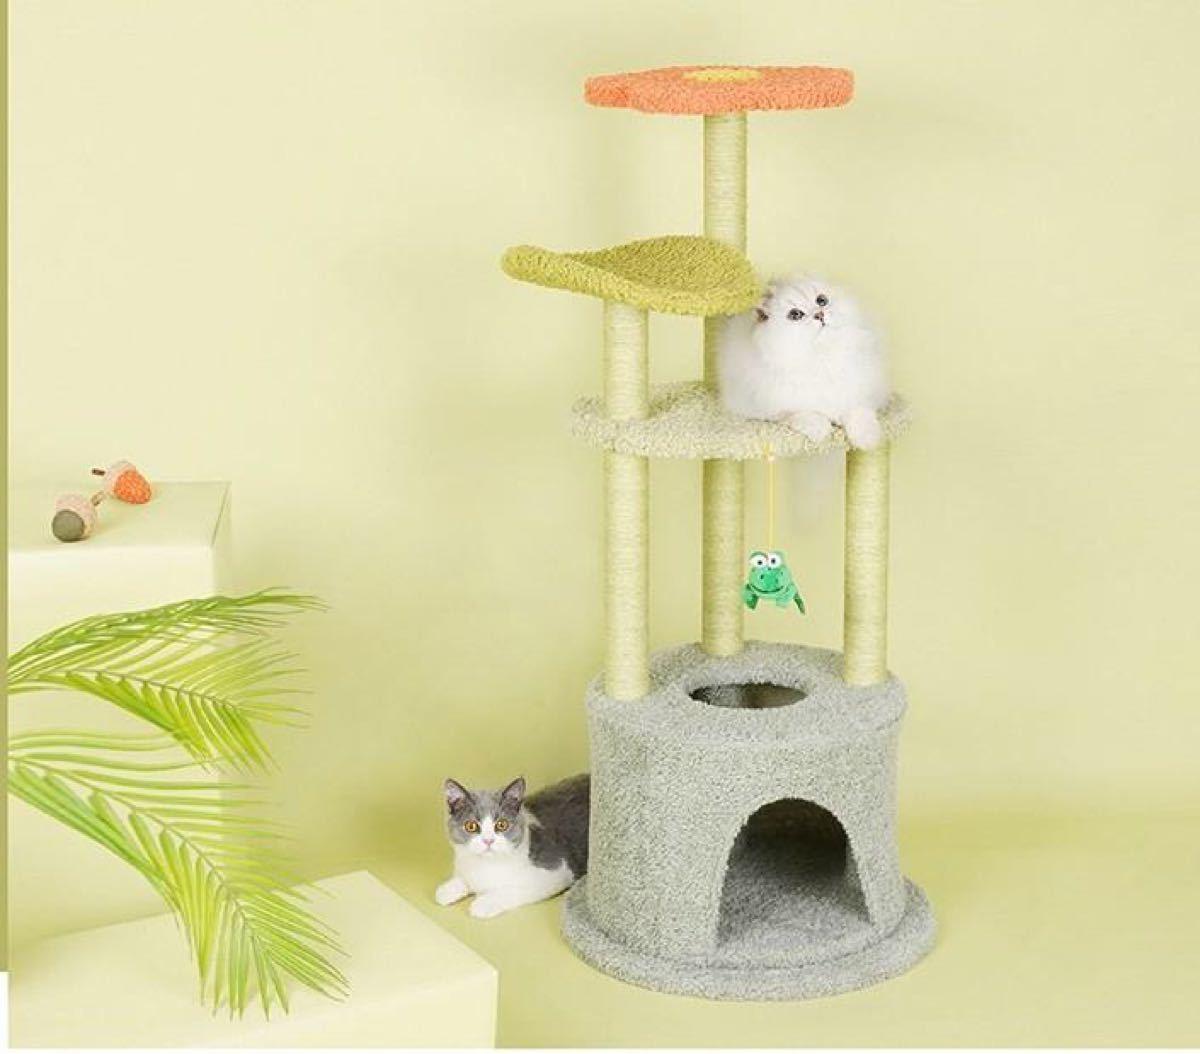 可愛い キャットタワー 爪研ぎ 猫ちゃんのおしゃれなハウス 在宅応援 赤字値段